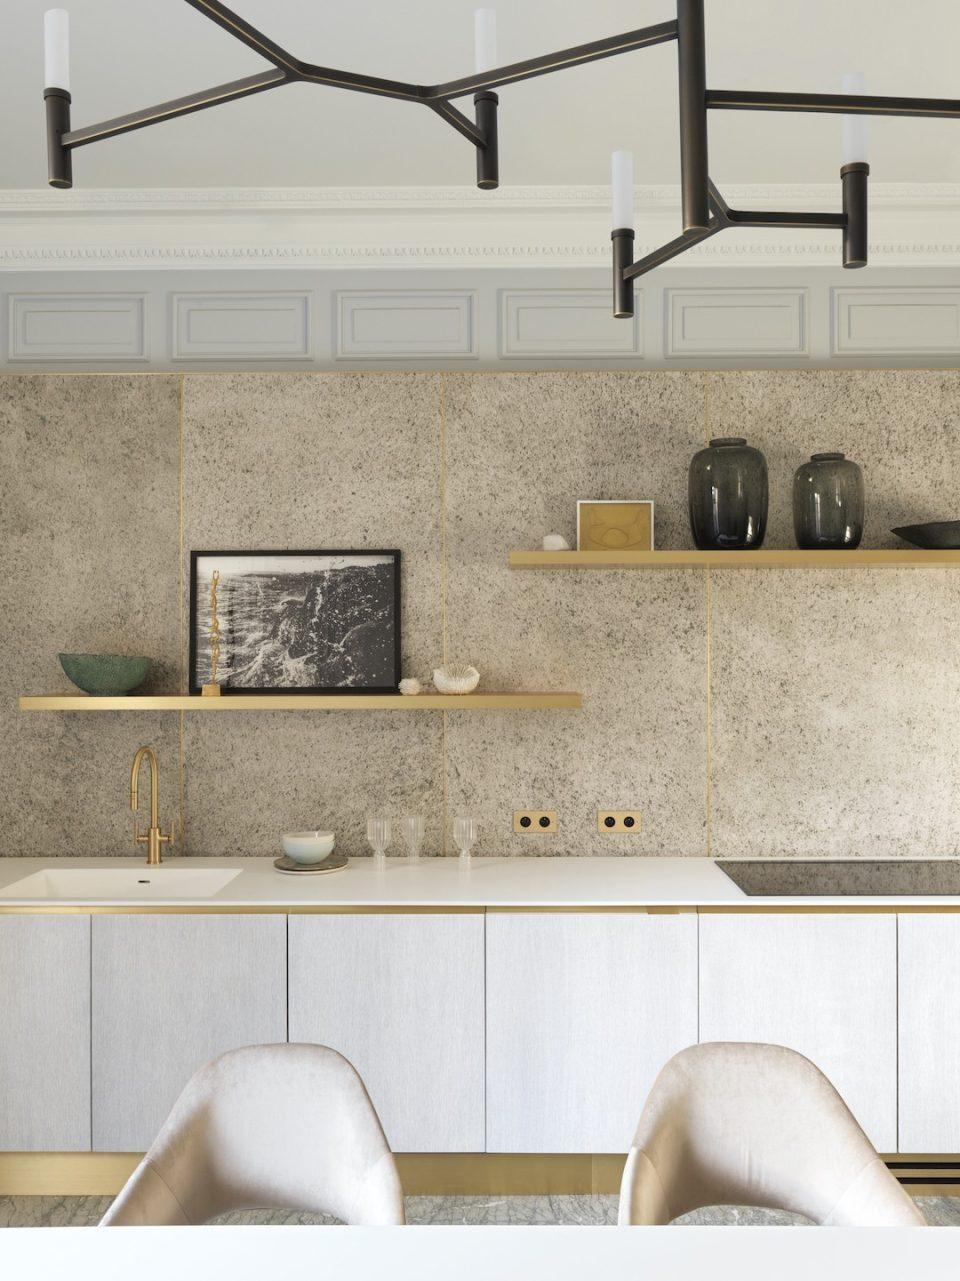 Feuille de pierre 100% naturelle StoneLeaf modèle Oslo sur les murs d'une cuisine